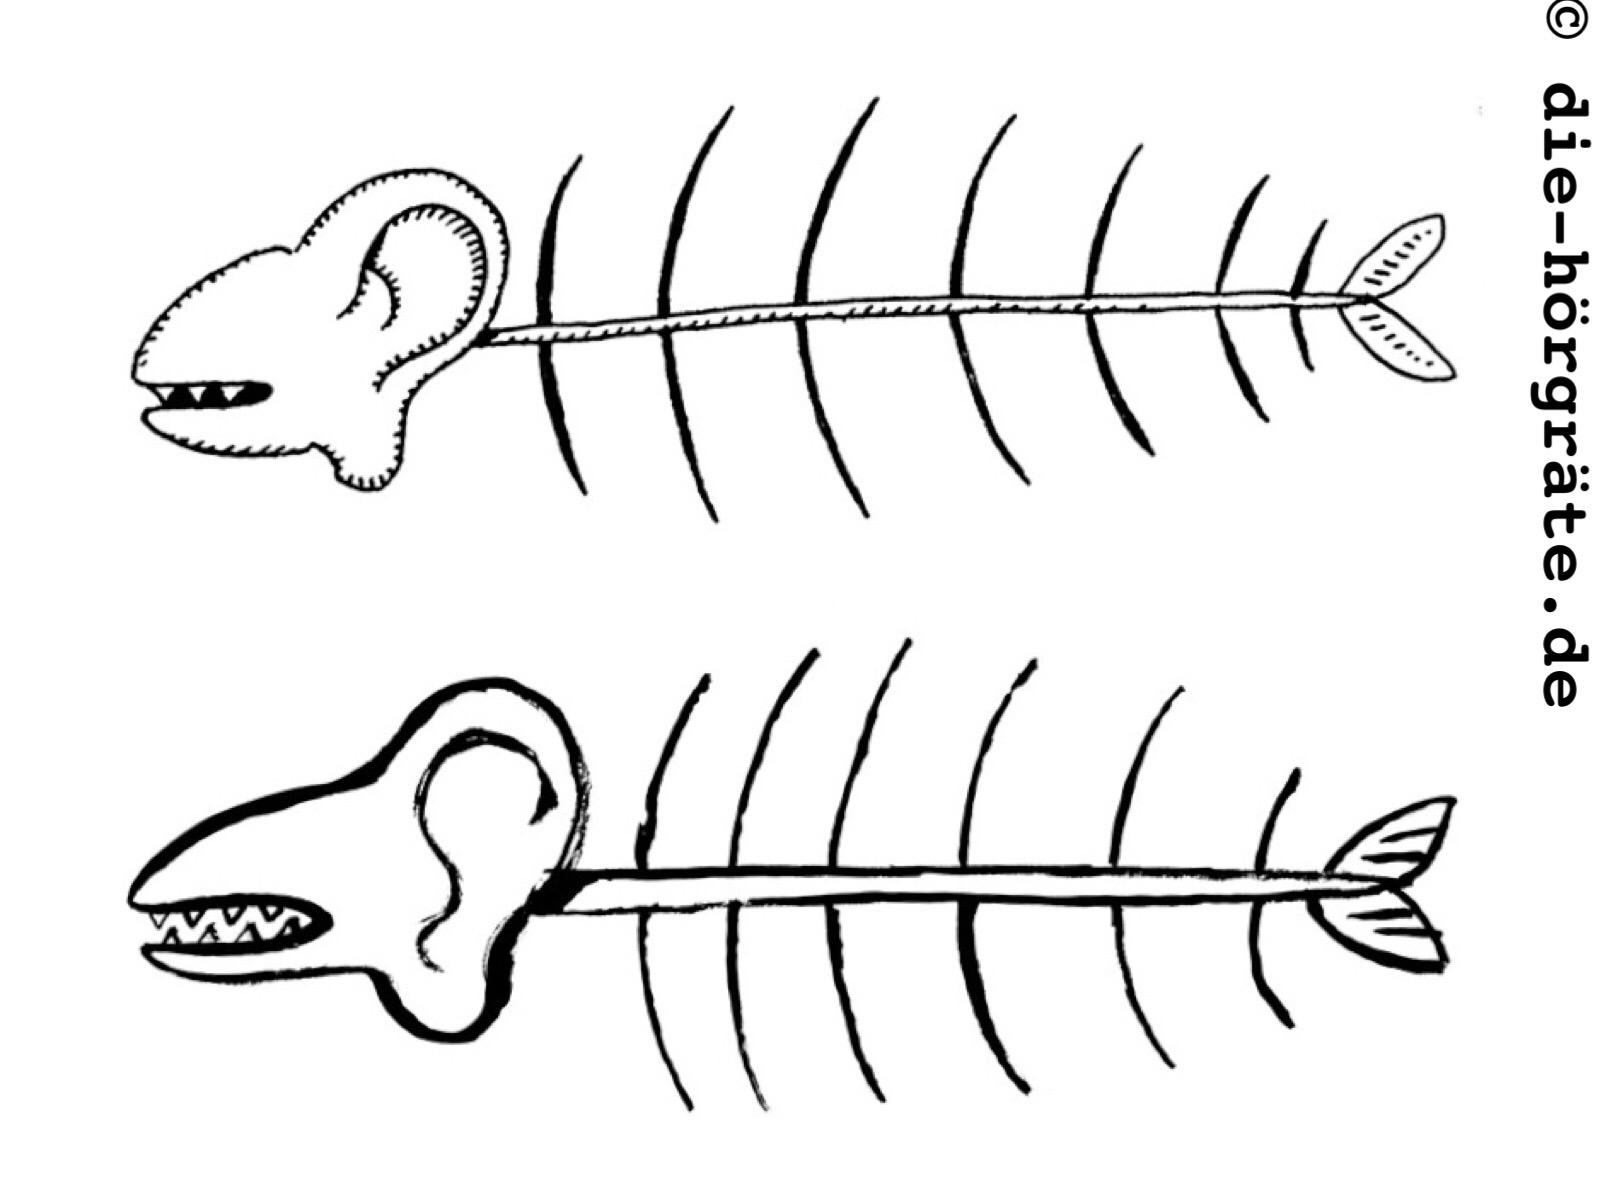 zwei Gräten mit Ohren und sehr kleinen Schwanzflossen, aber ohne Augen